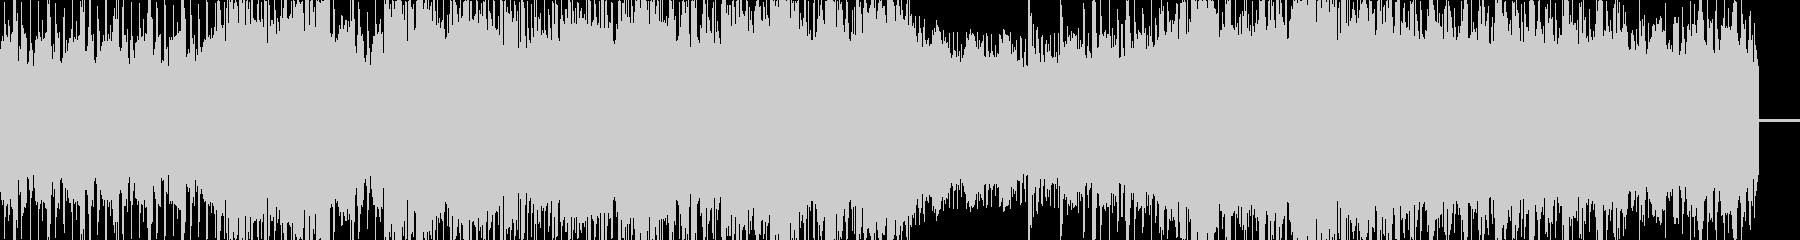 スイング、ジャズなクラブサウンドの未再生の波形